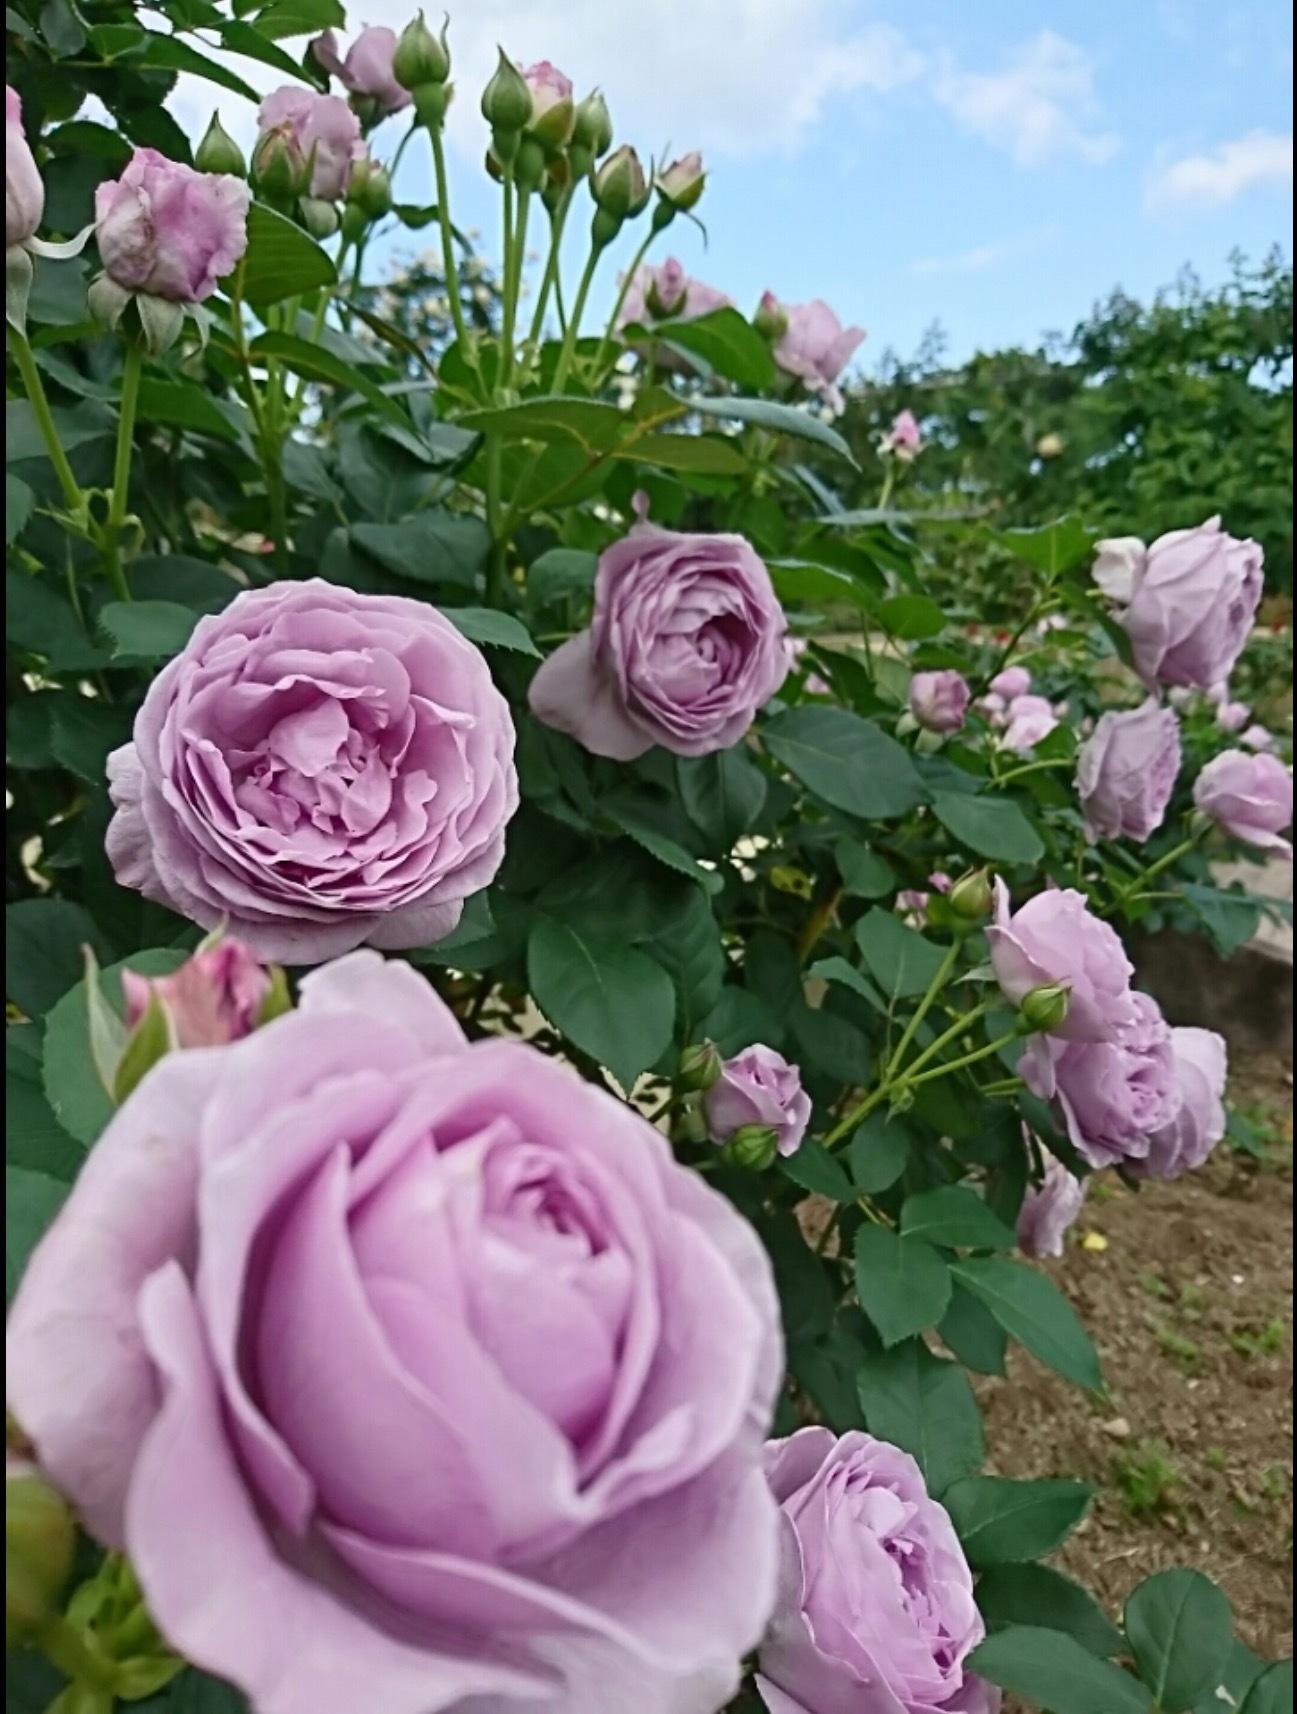 宮崎でこんな素敵な薔薇の花園があるんです・・・・それも今が絶好調🌹_b0137969_06455706.png